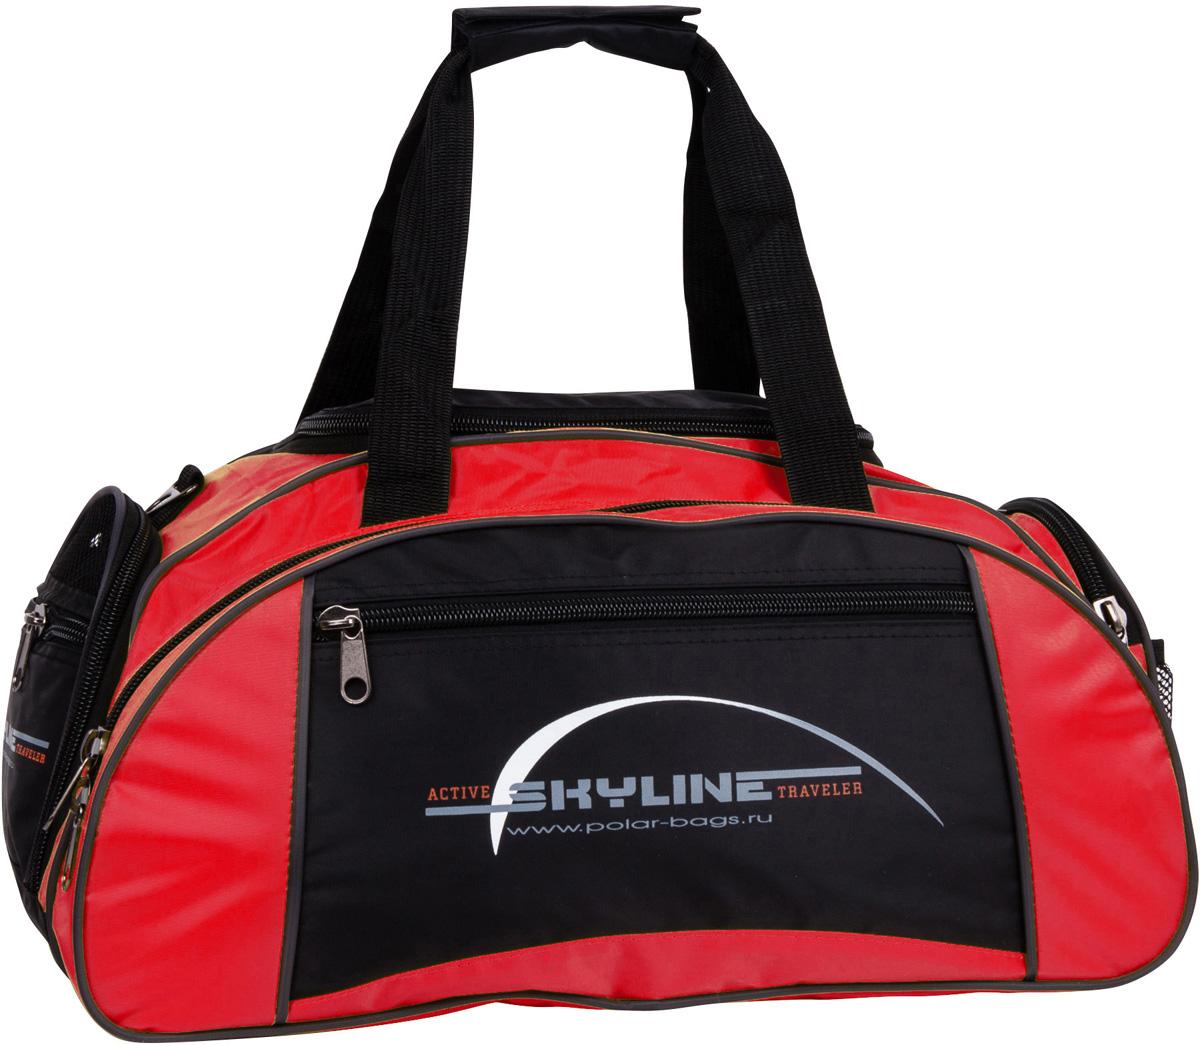 Сумка спортивная Polar Скайлайн, цвет: черный, красный, 36 л. 6063